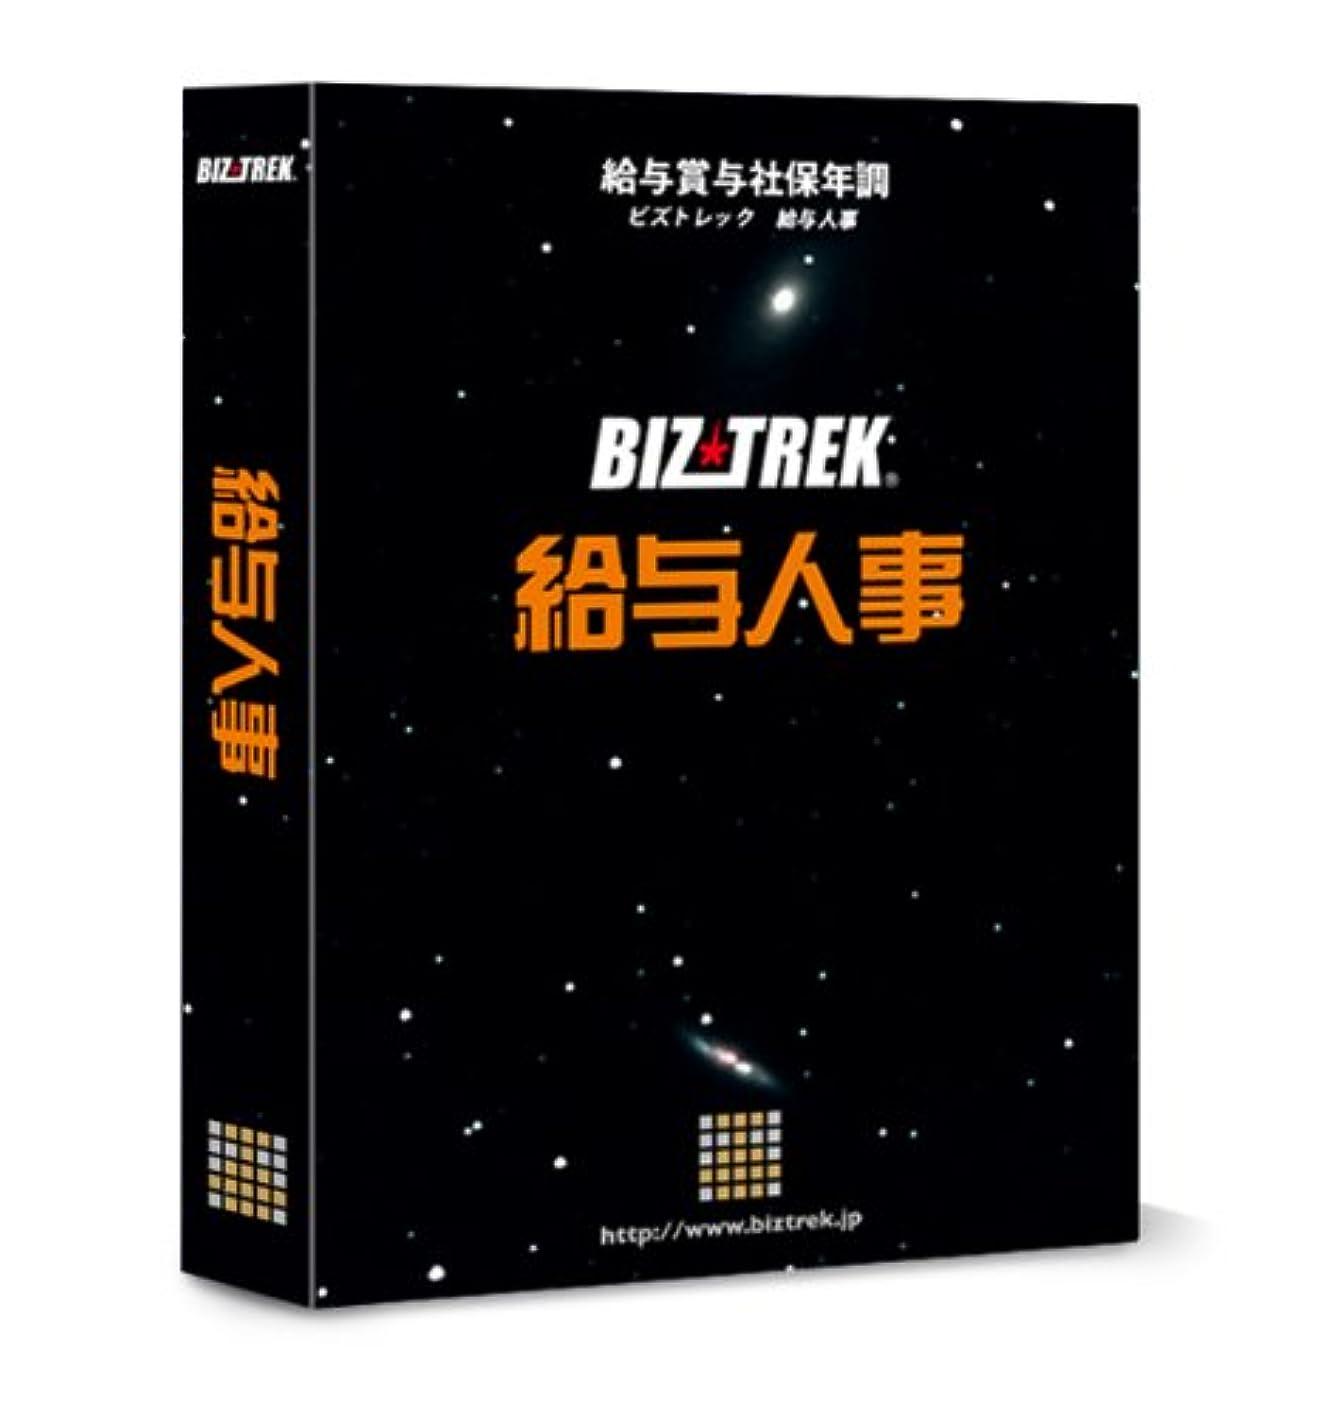 アンケートグリースフィドルBIZTREK給与人事(ビズトレック給与人事 Mac版) [DVD-ROM]